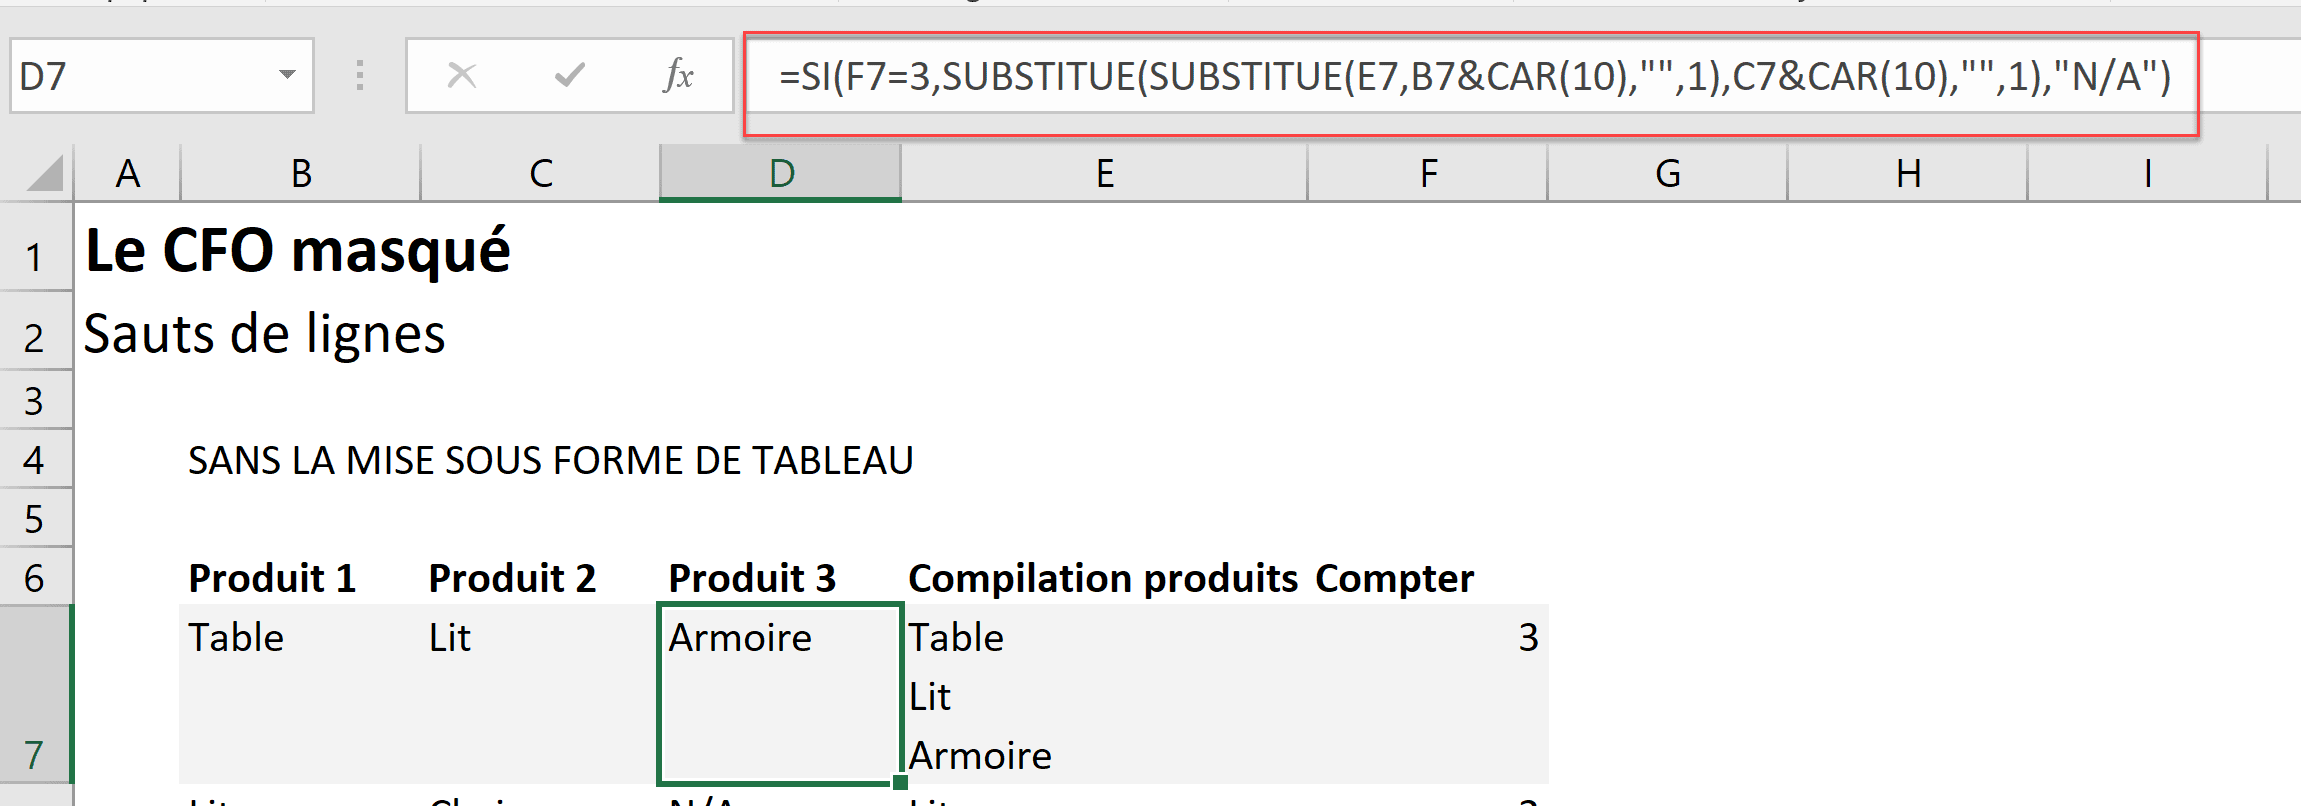 Excel Comment Composer Avec Les Sauts De Lignes Le Cfo Masque